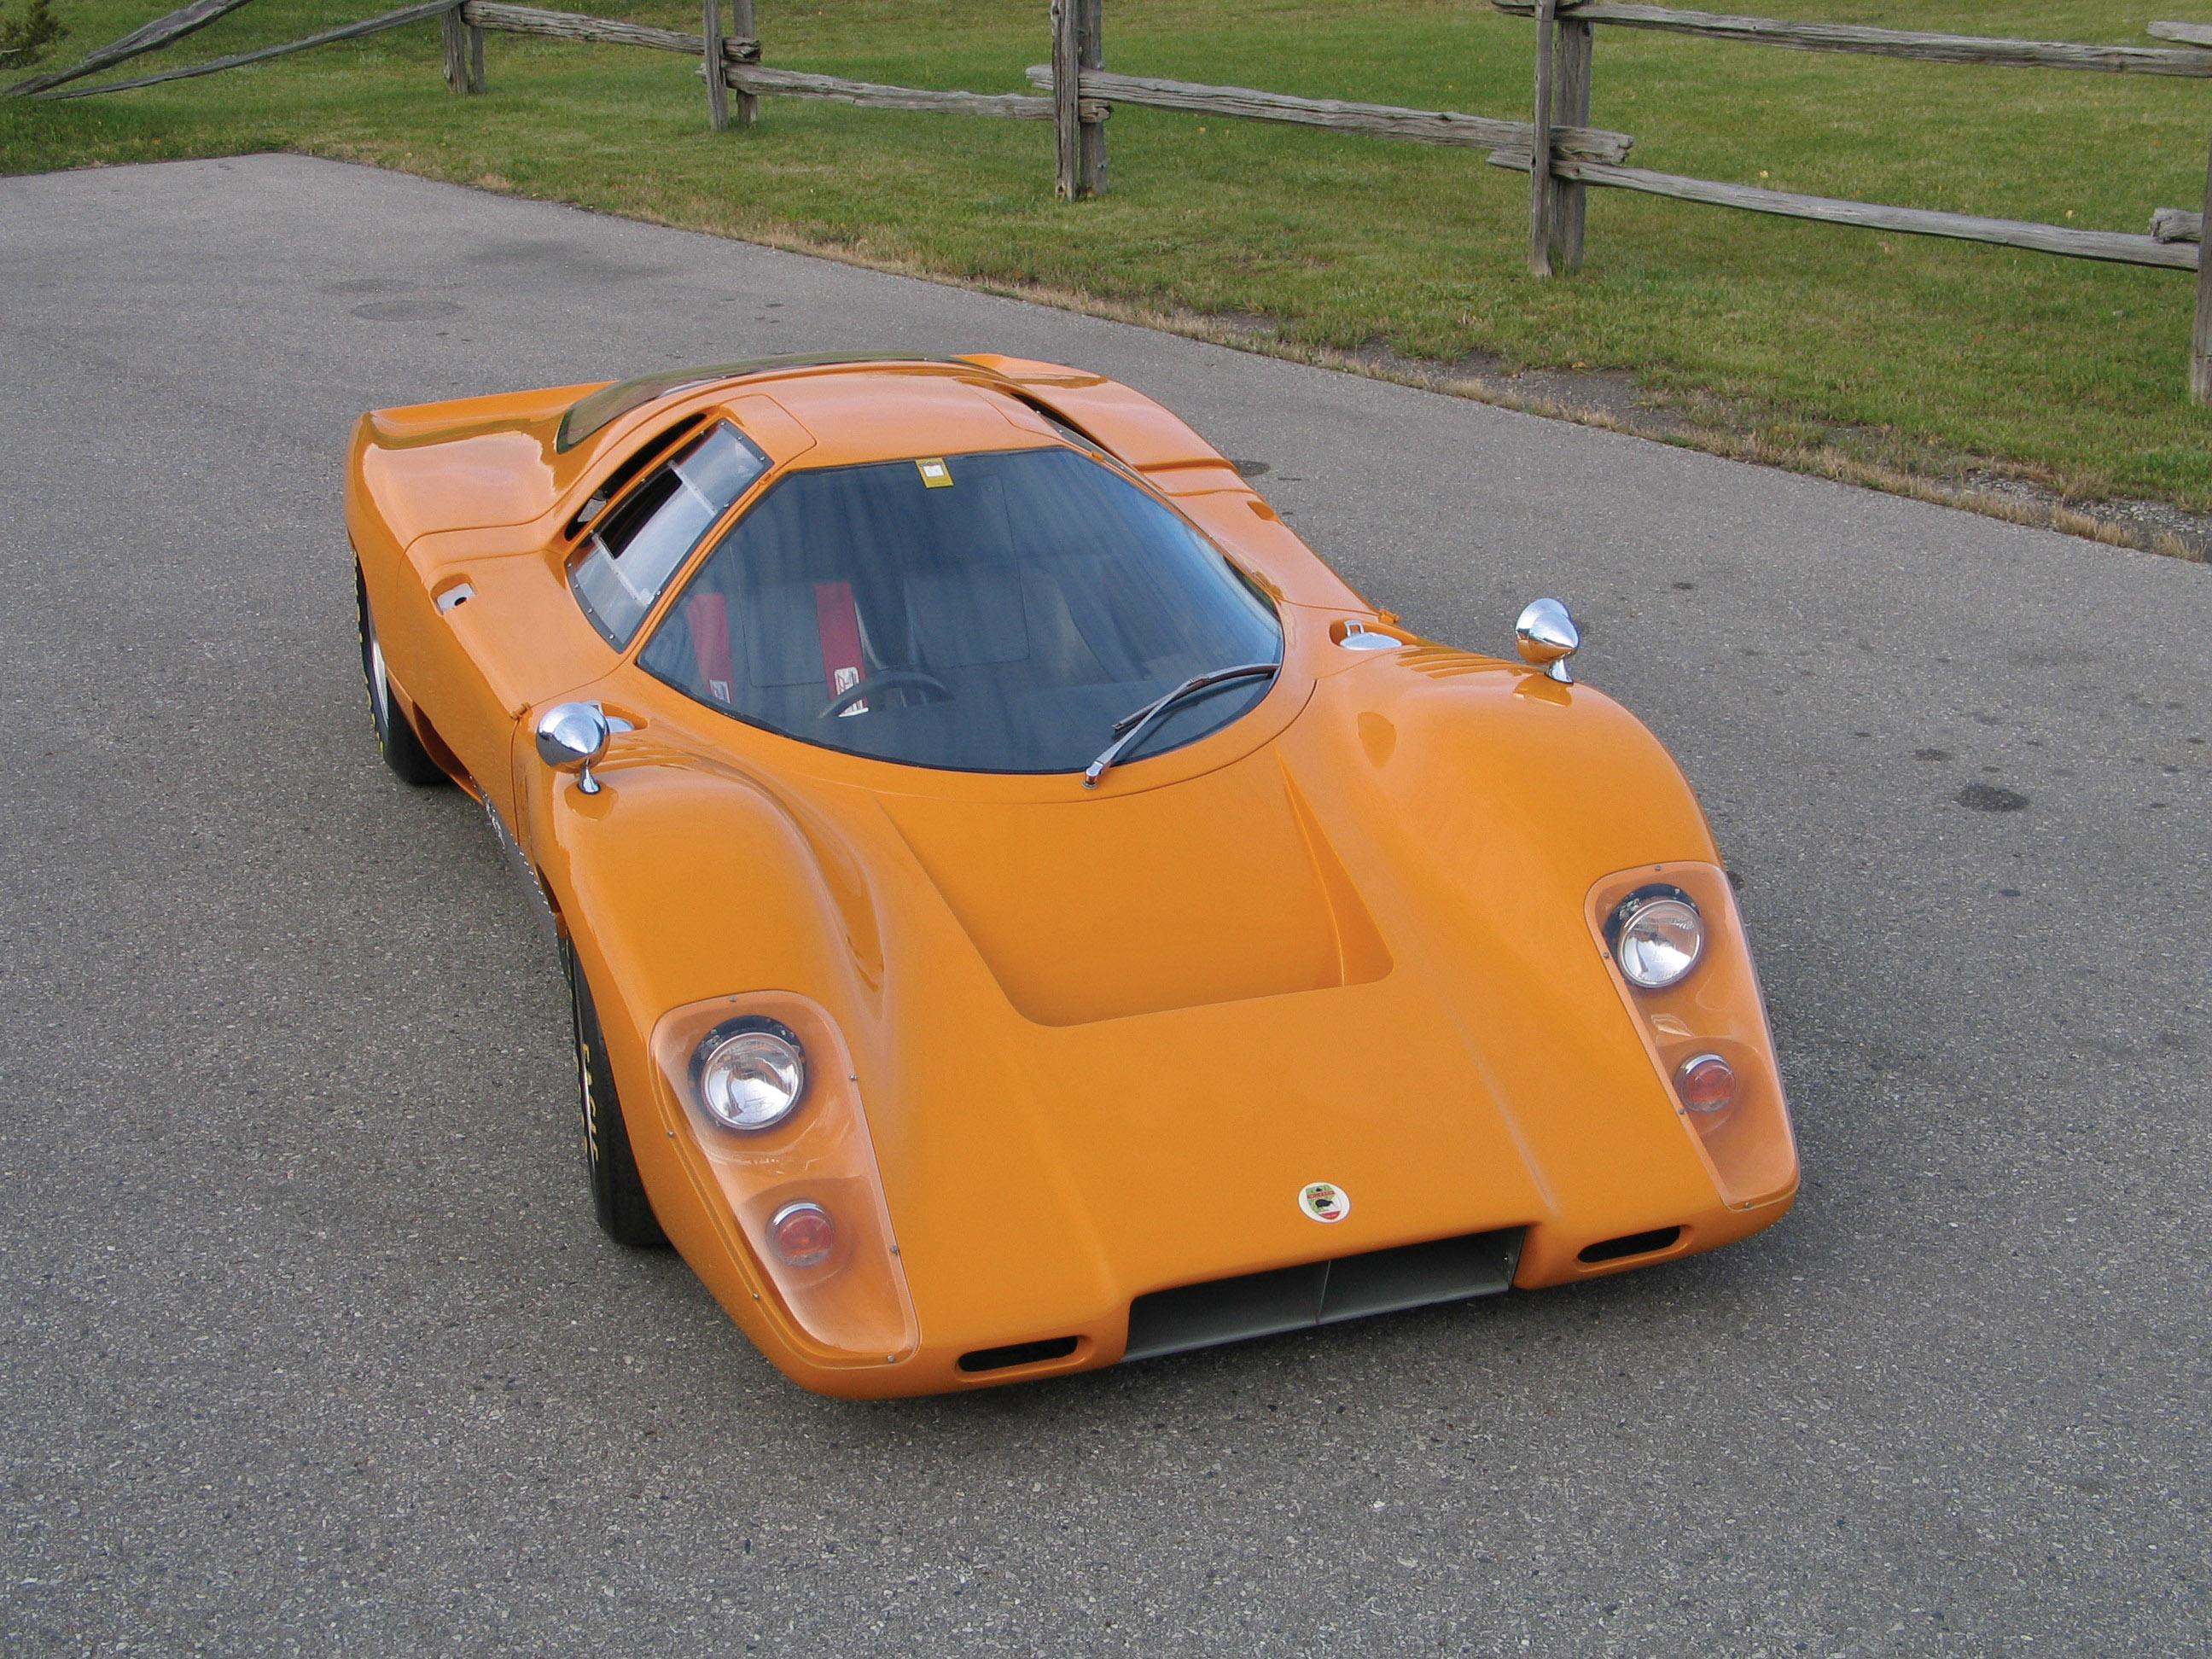 https://www.automobilesreview.com/img/1969-mclaren-m6gt/1969-mclaren-m6gt-03.jpg